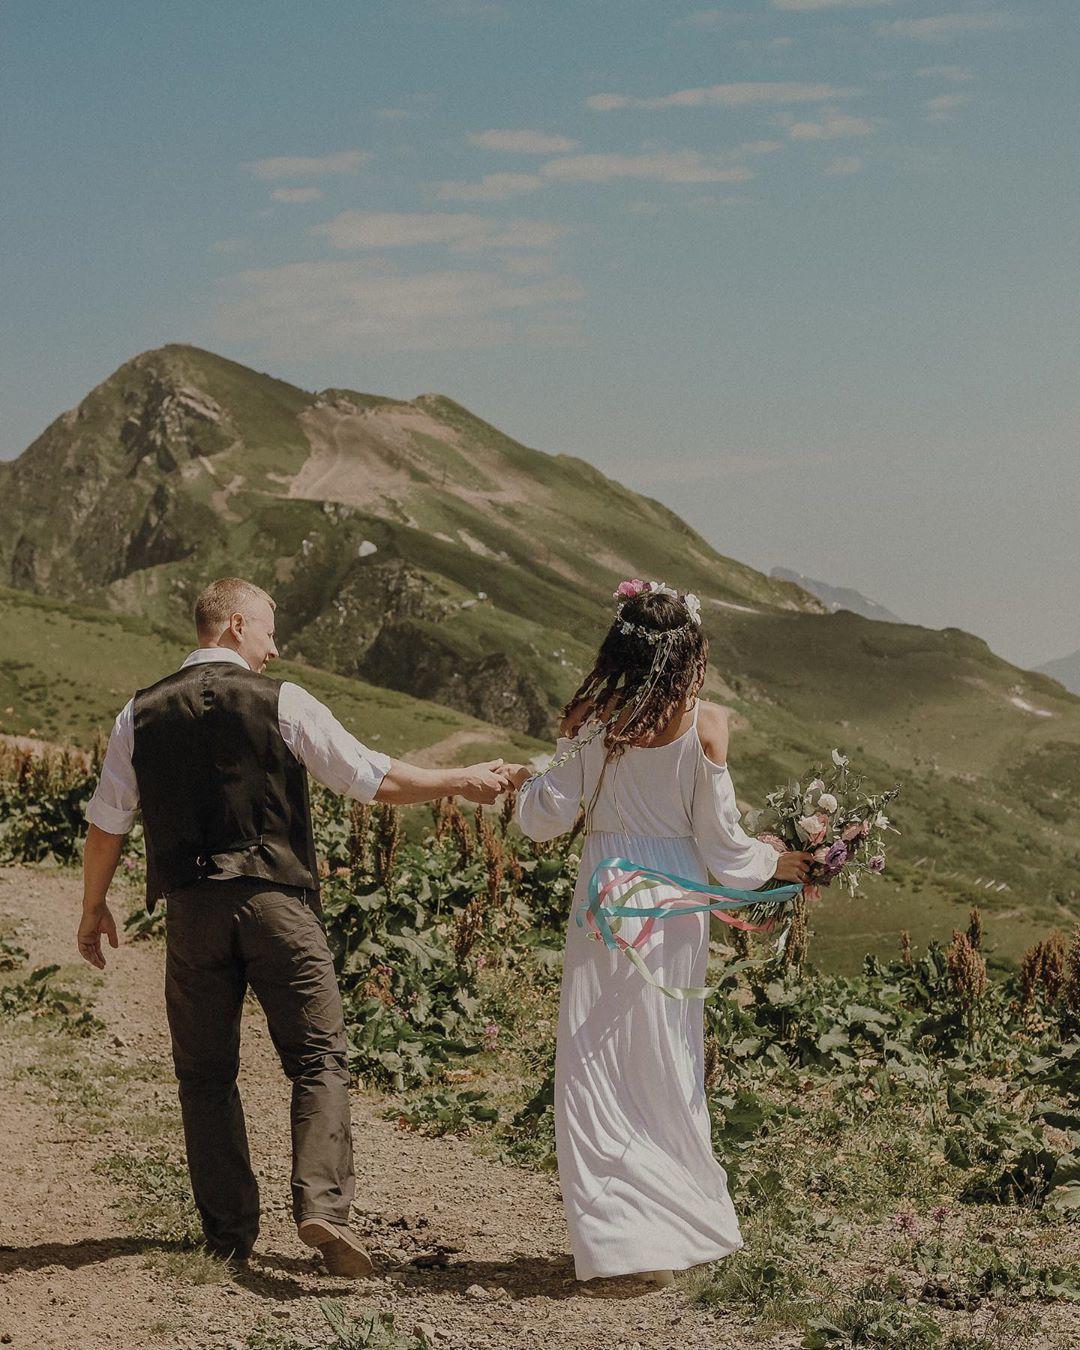 Свадьба в горах в 2020 г | Свадебные фото, Фотографии, Свадьба